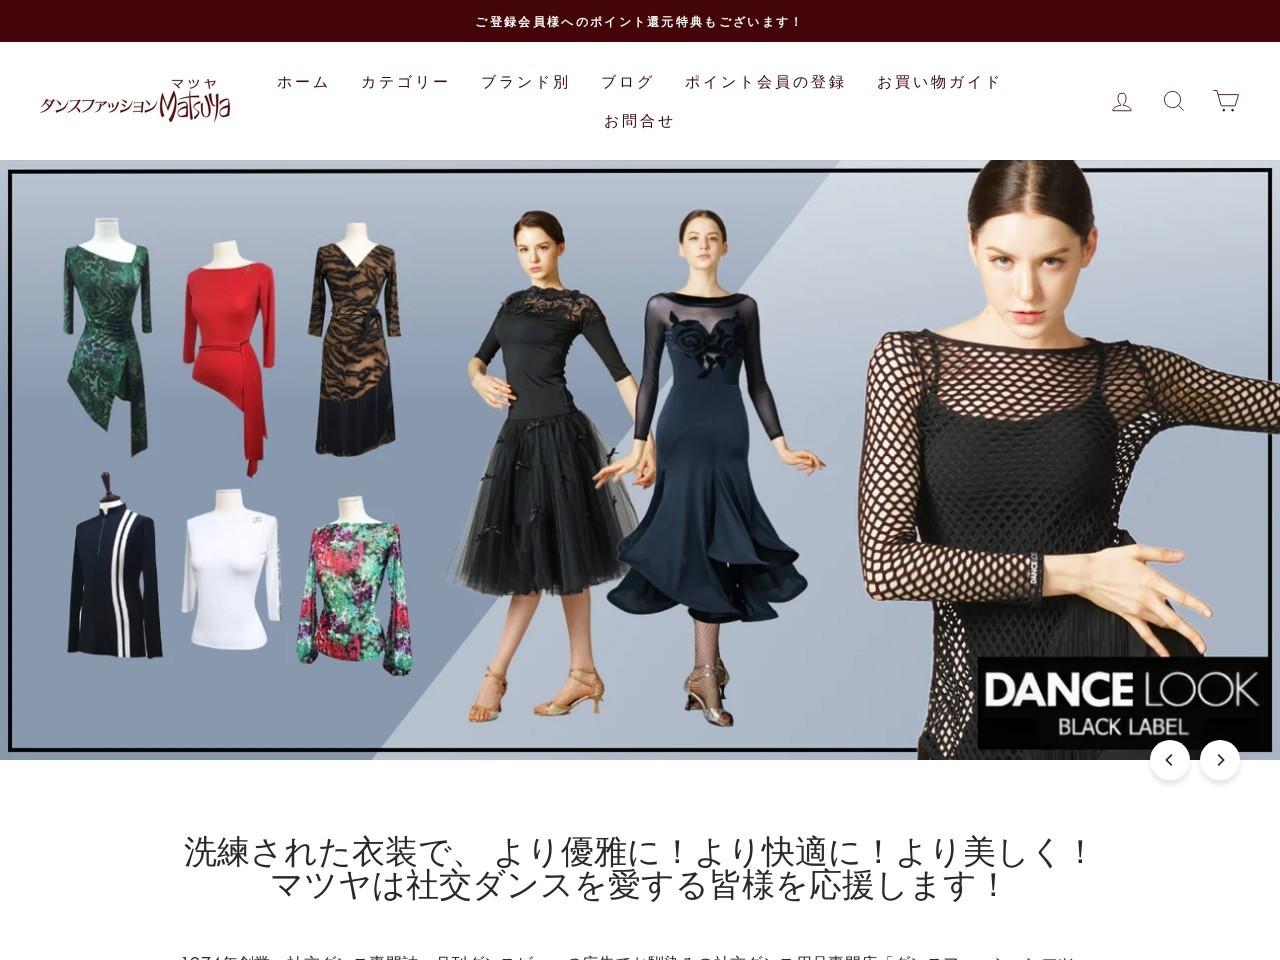 ダンスファッション・マツヤ